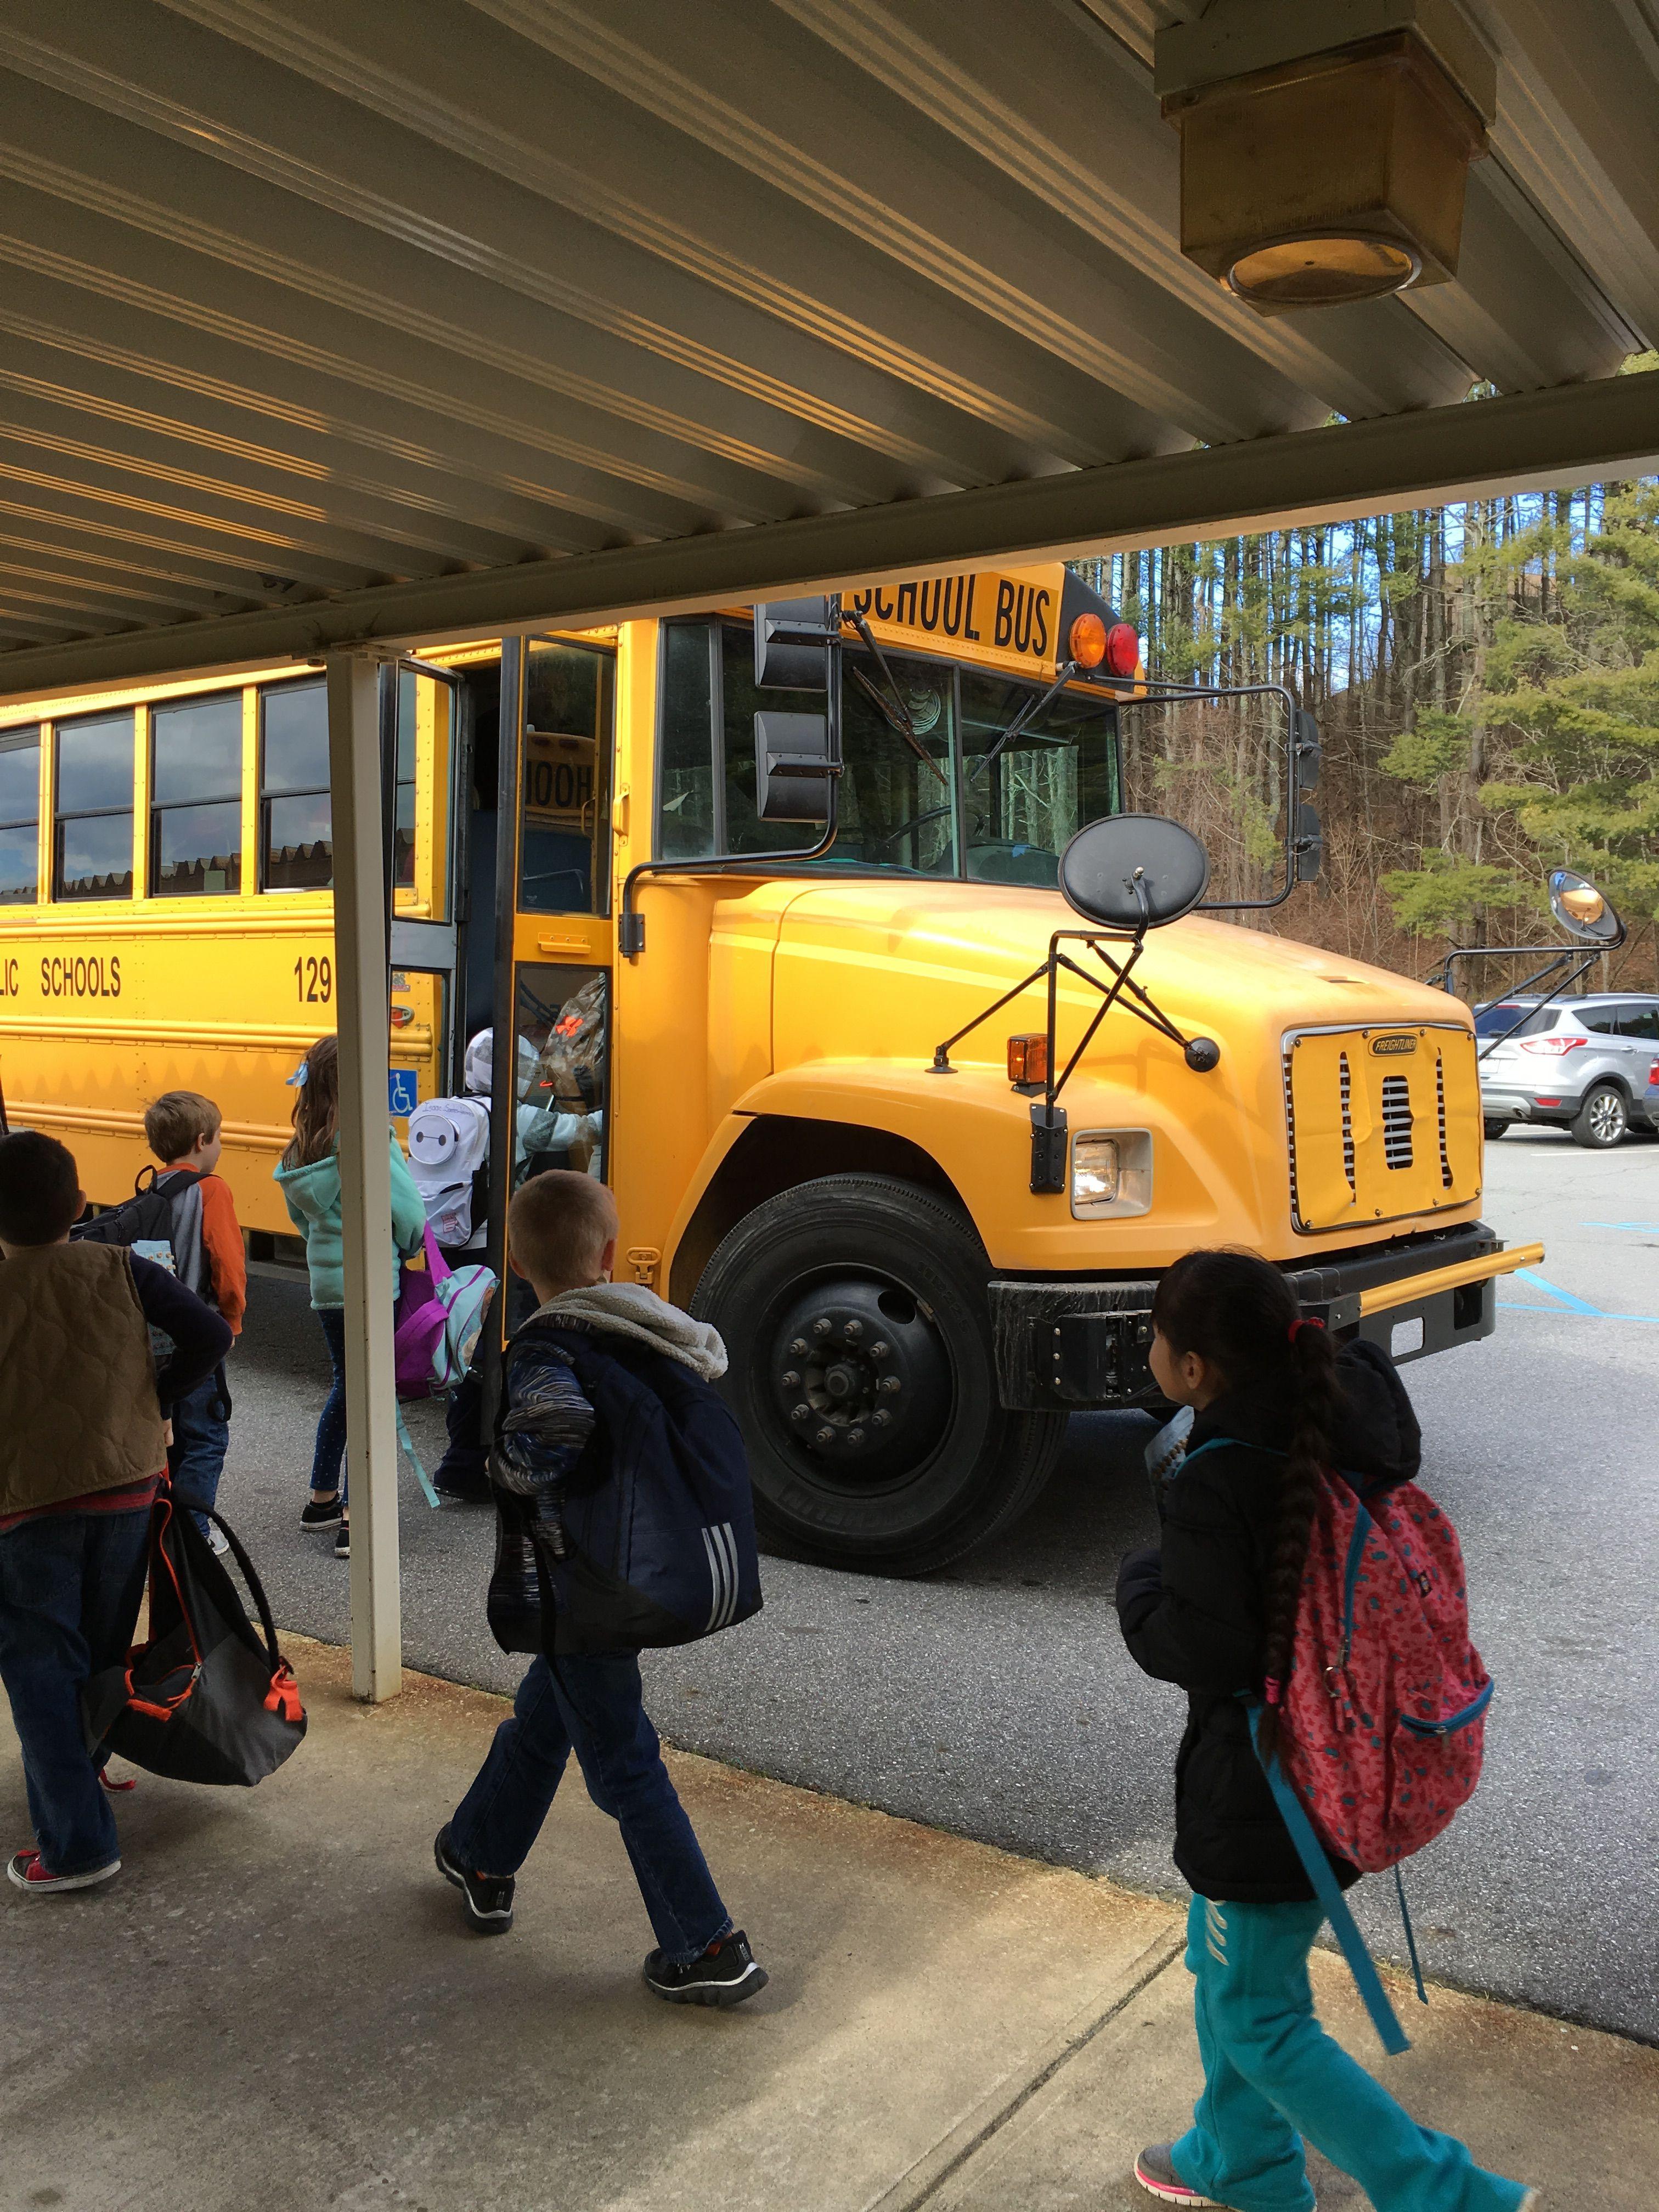 Haywood County Schools North Carolina Public Schools 129 2001